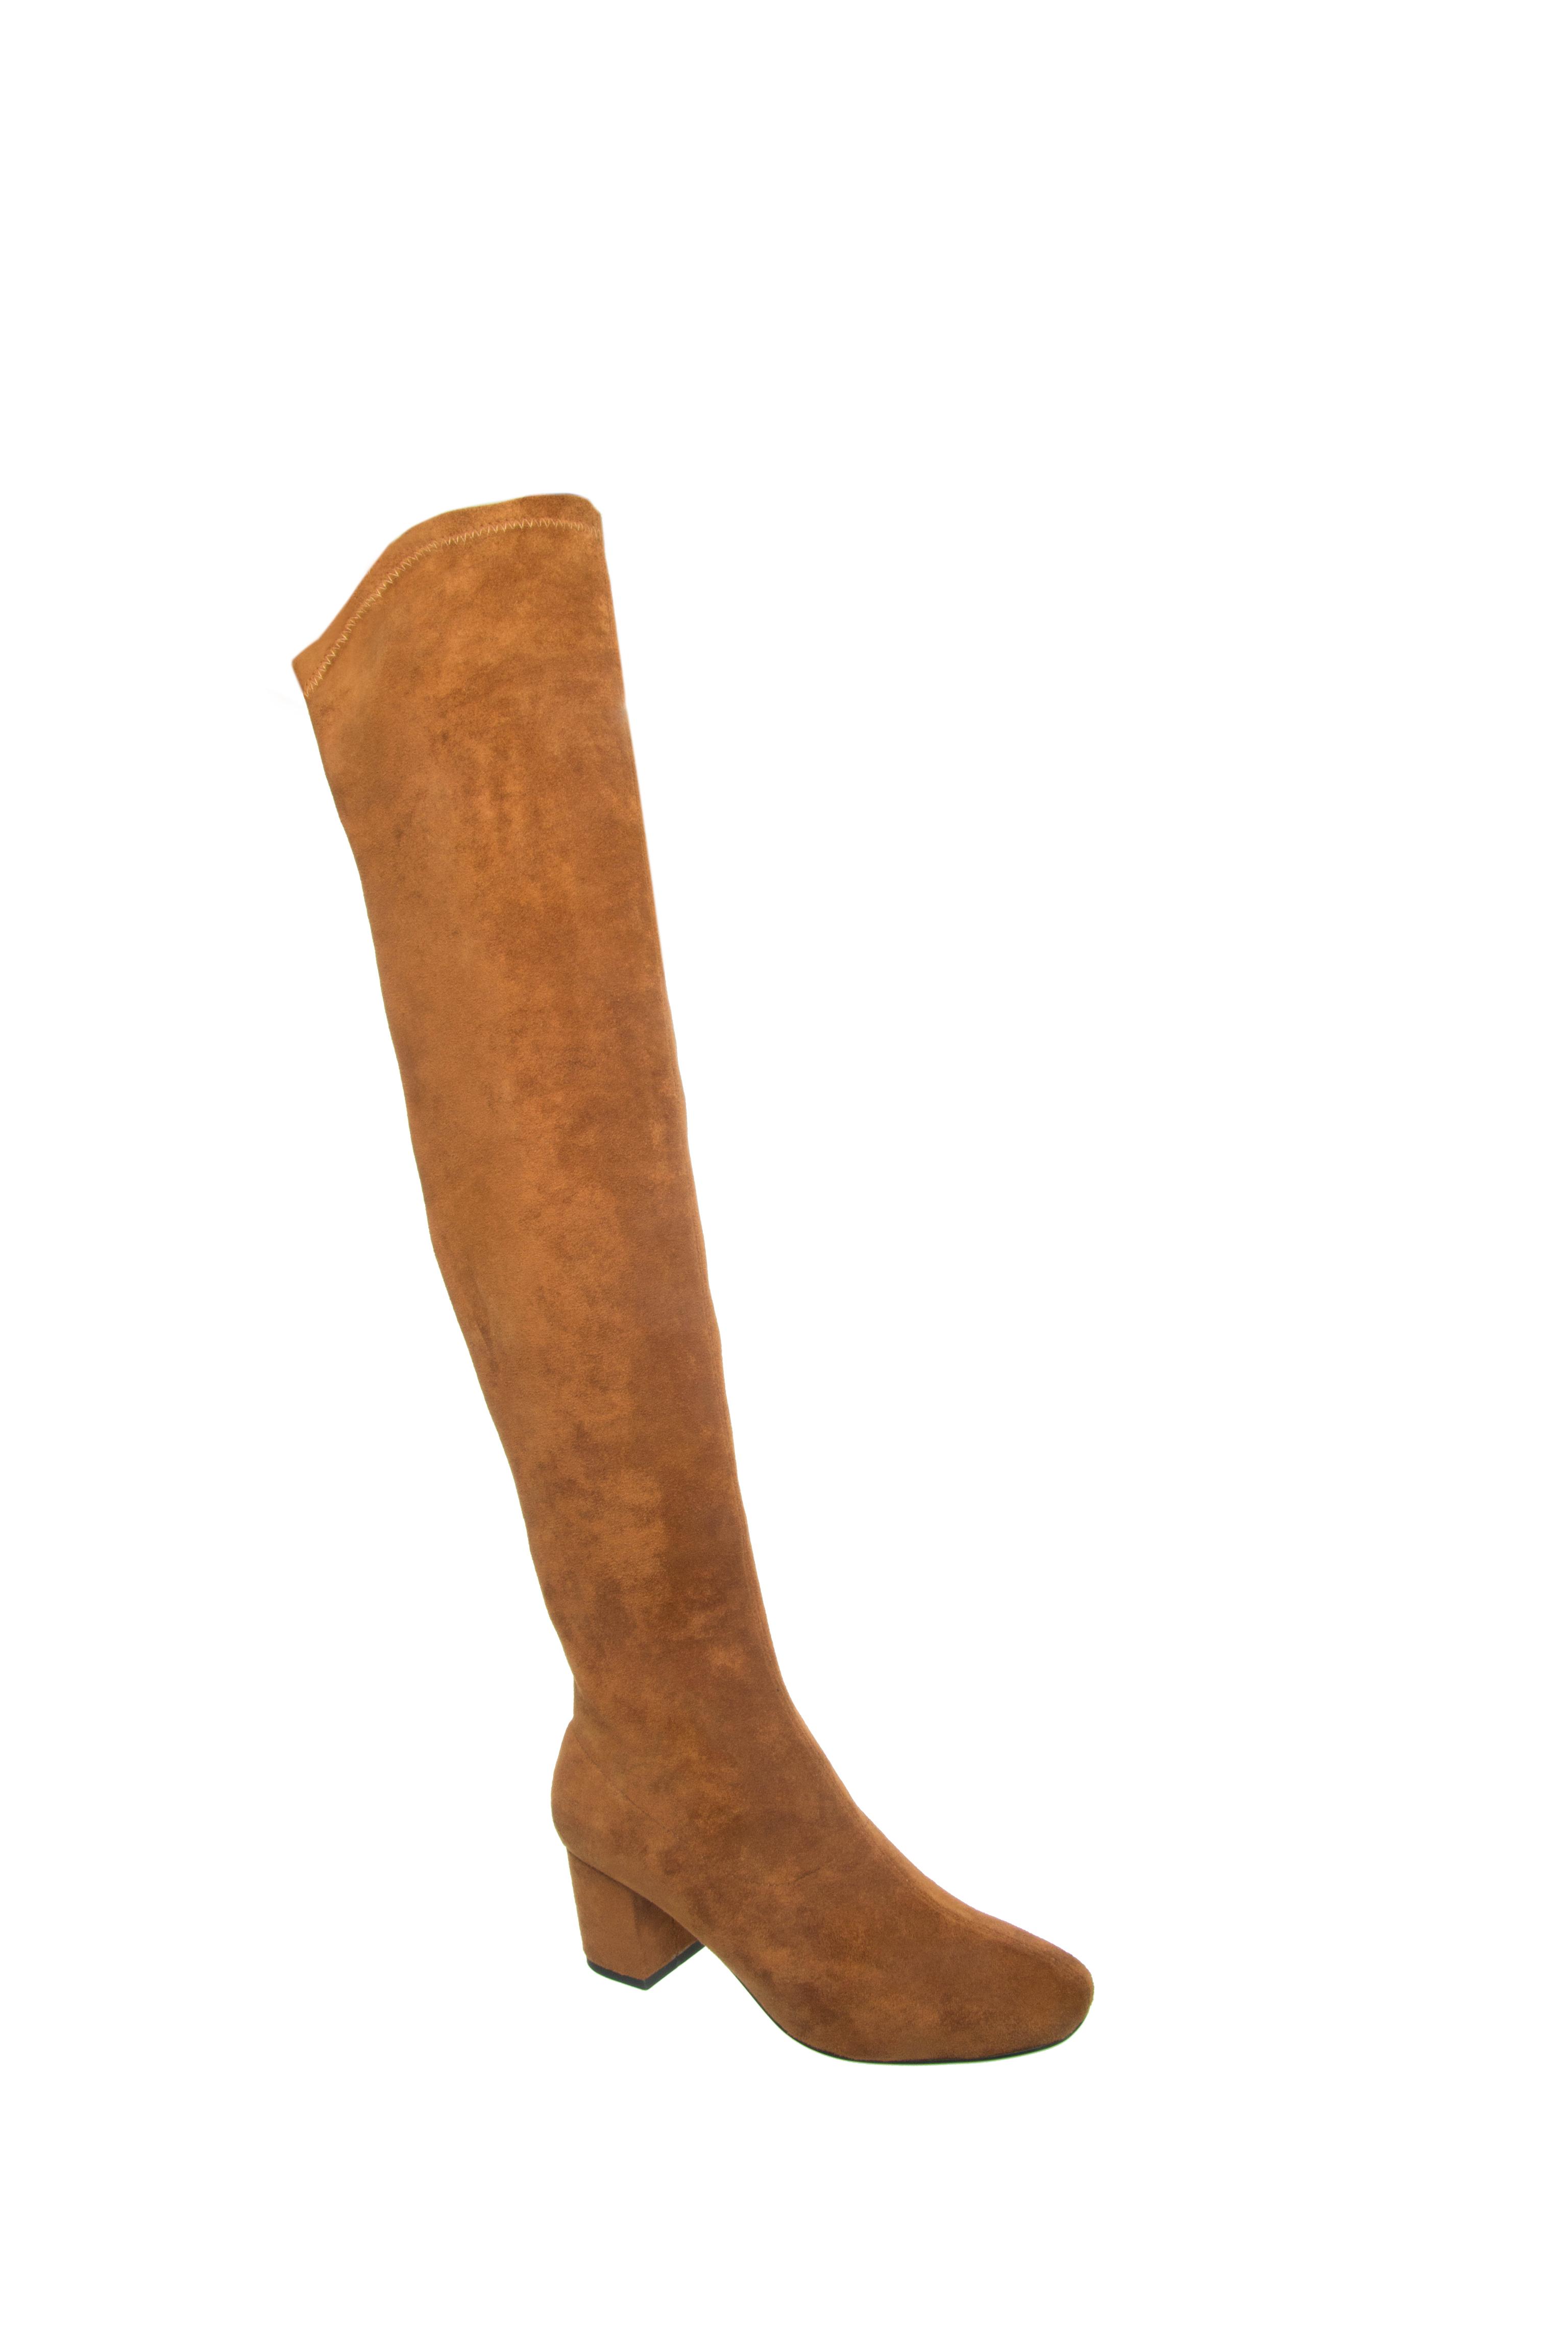 Silent D Cesto Knee High Mid Heel Boots - Tan Suede